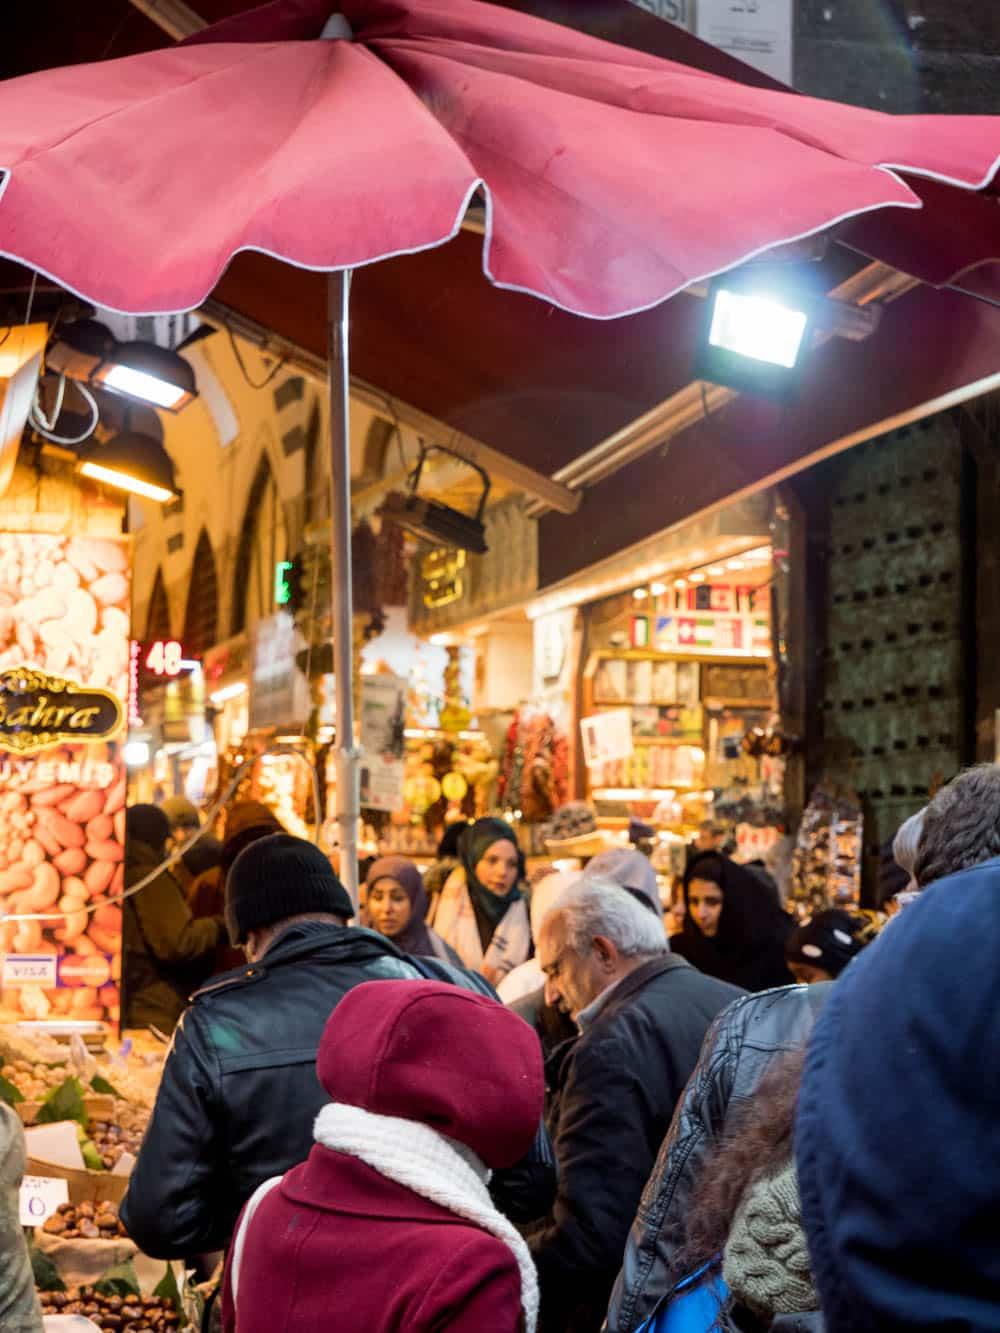 Inngang til kryddermarkedet i Istanbul (Misir carsisi) / Et kjøkken i Istanbul